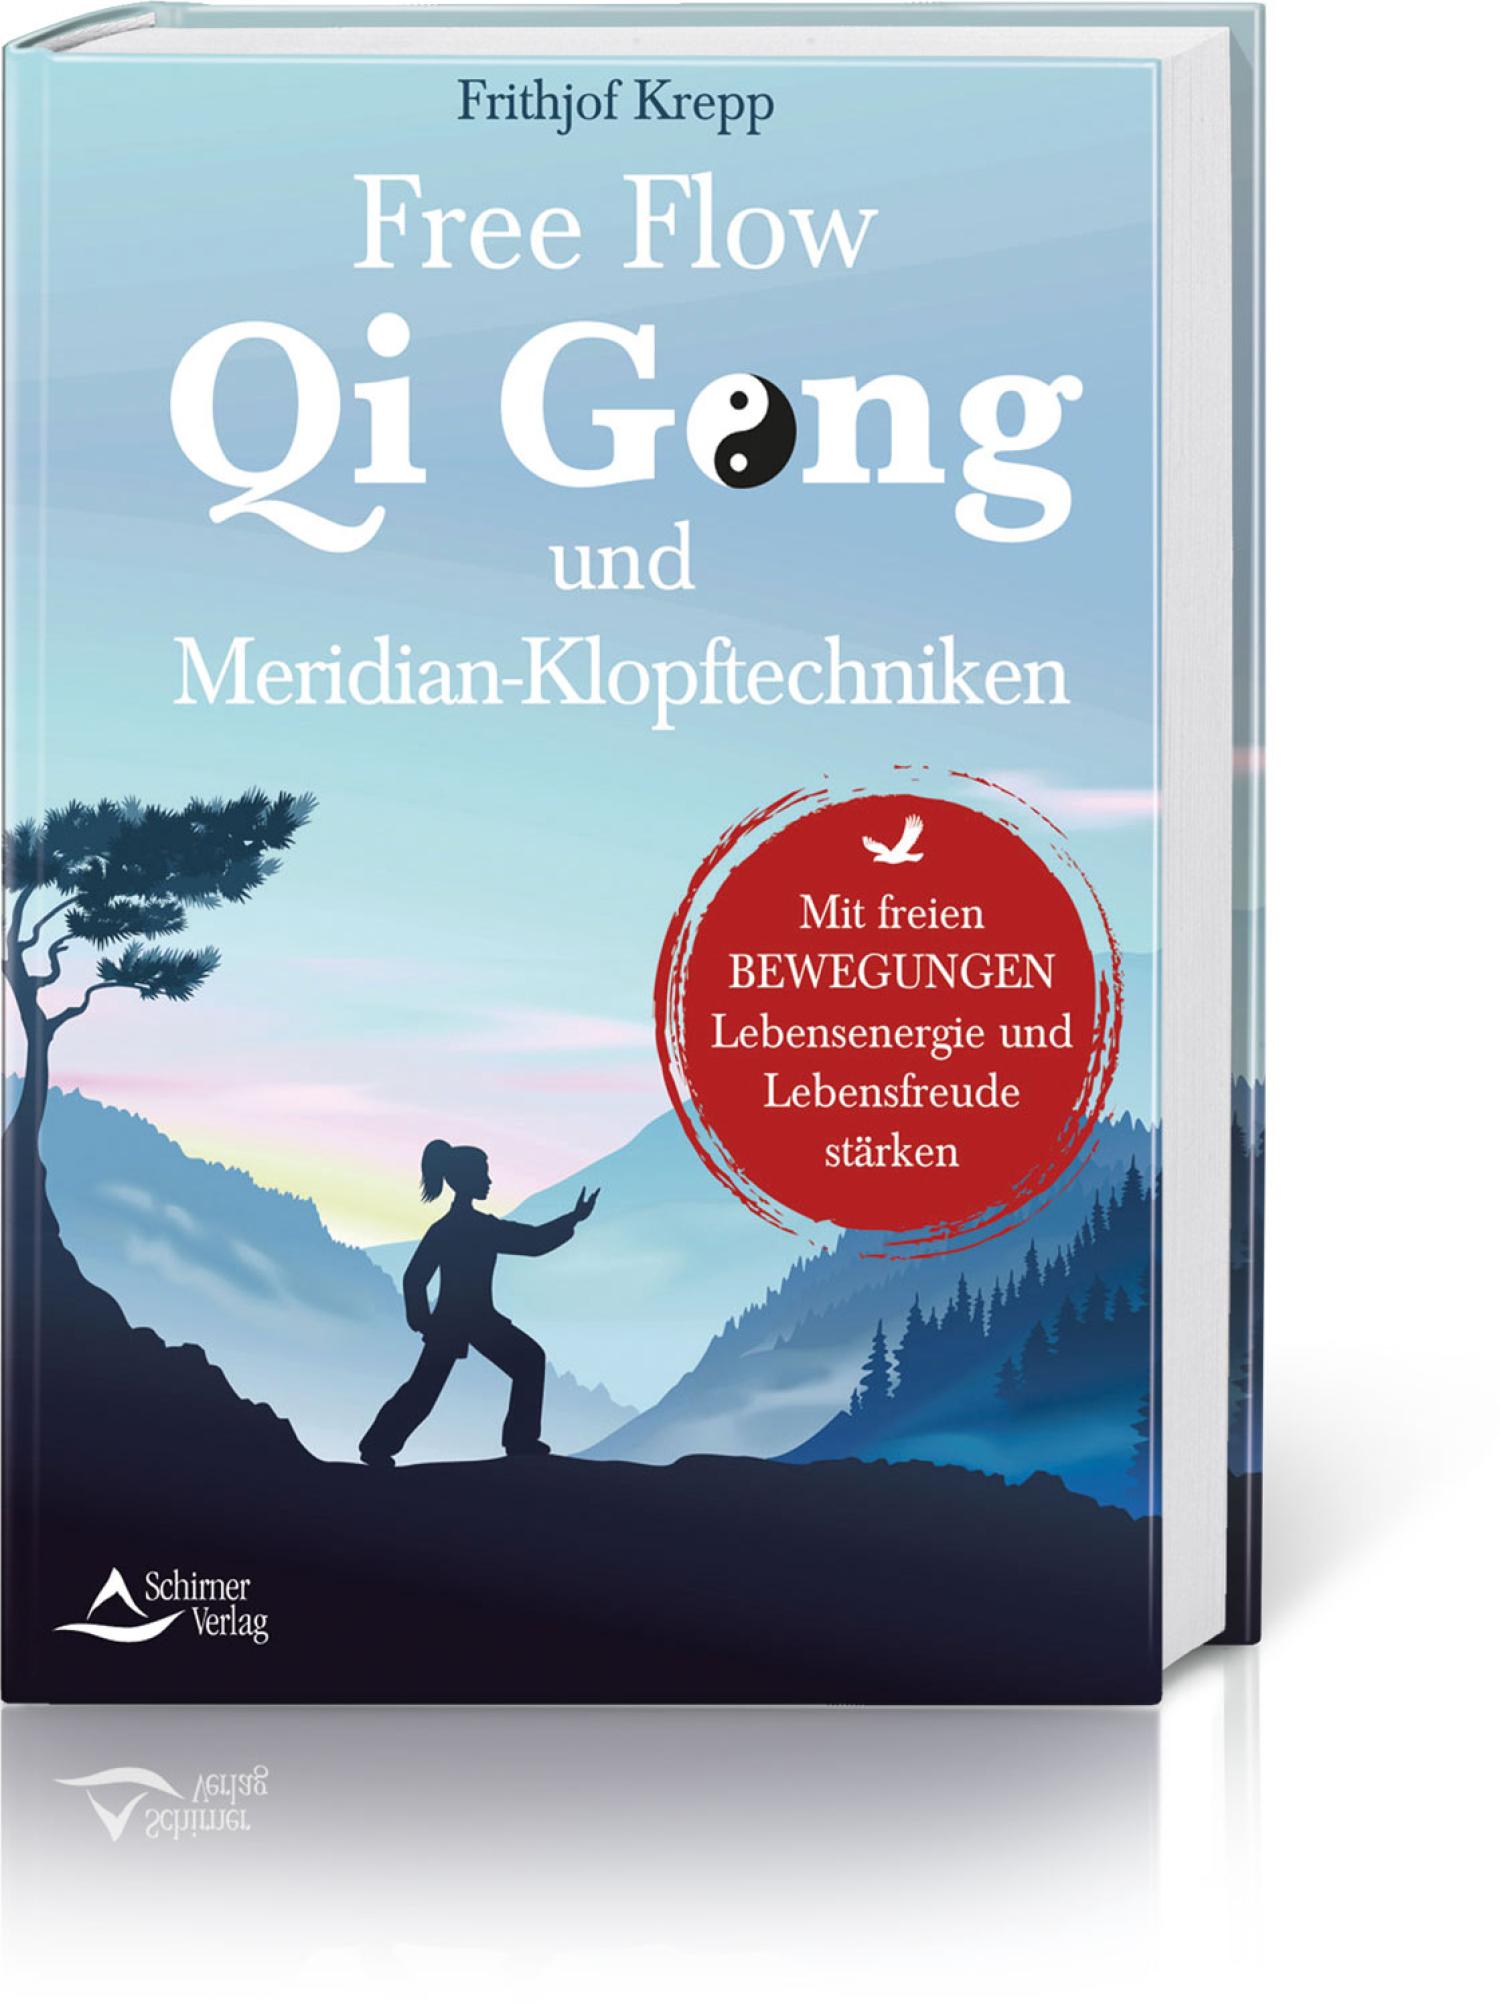 Free Flow Qi Gong und Meridian-Klopftechniken, Produktbild 1